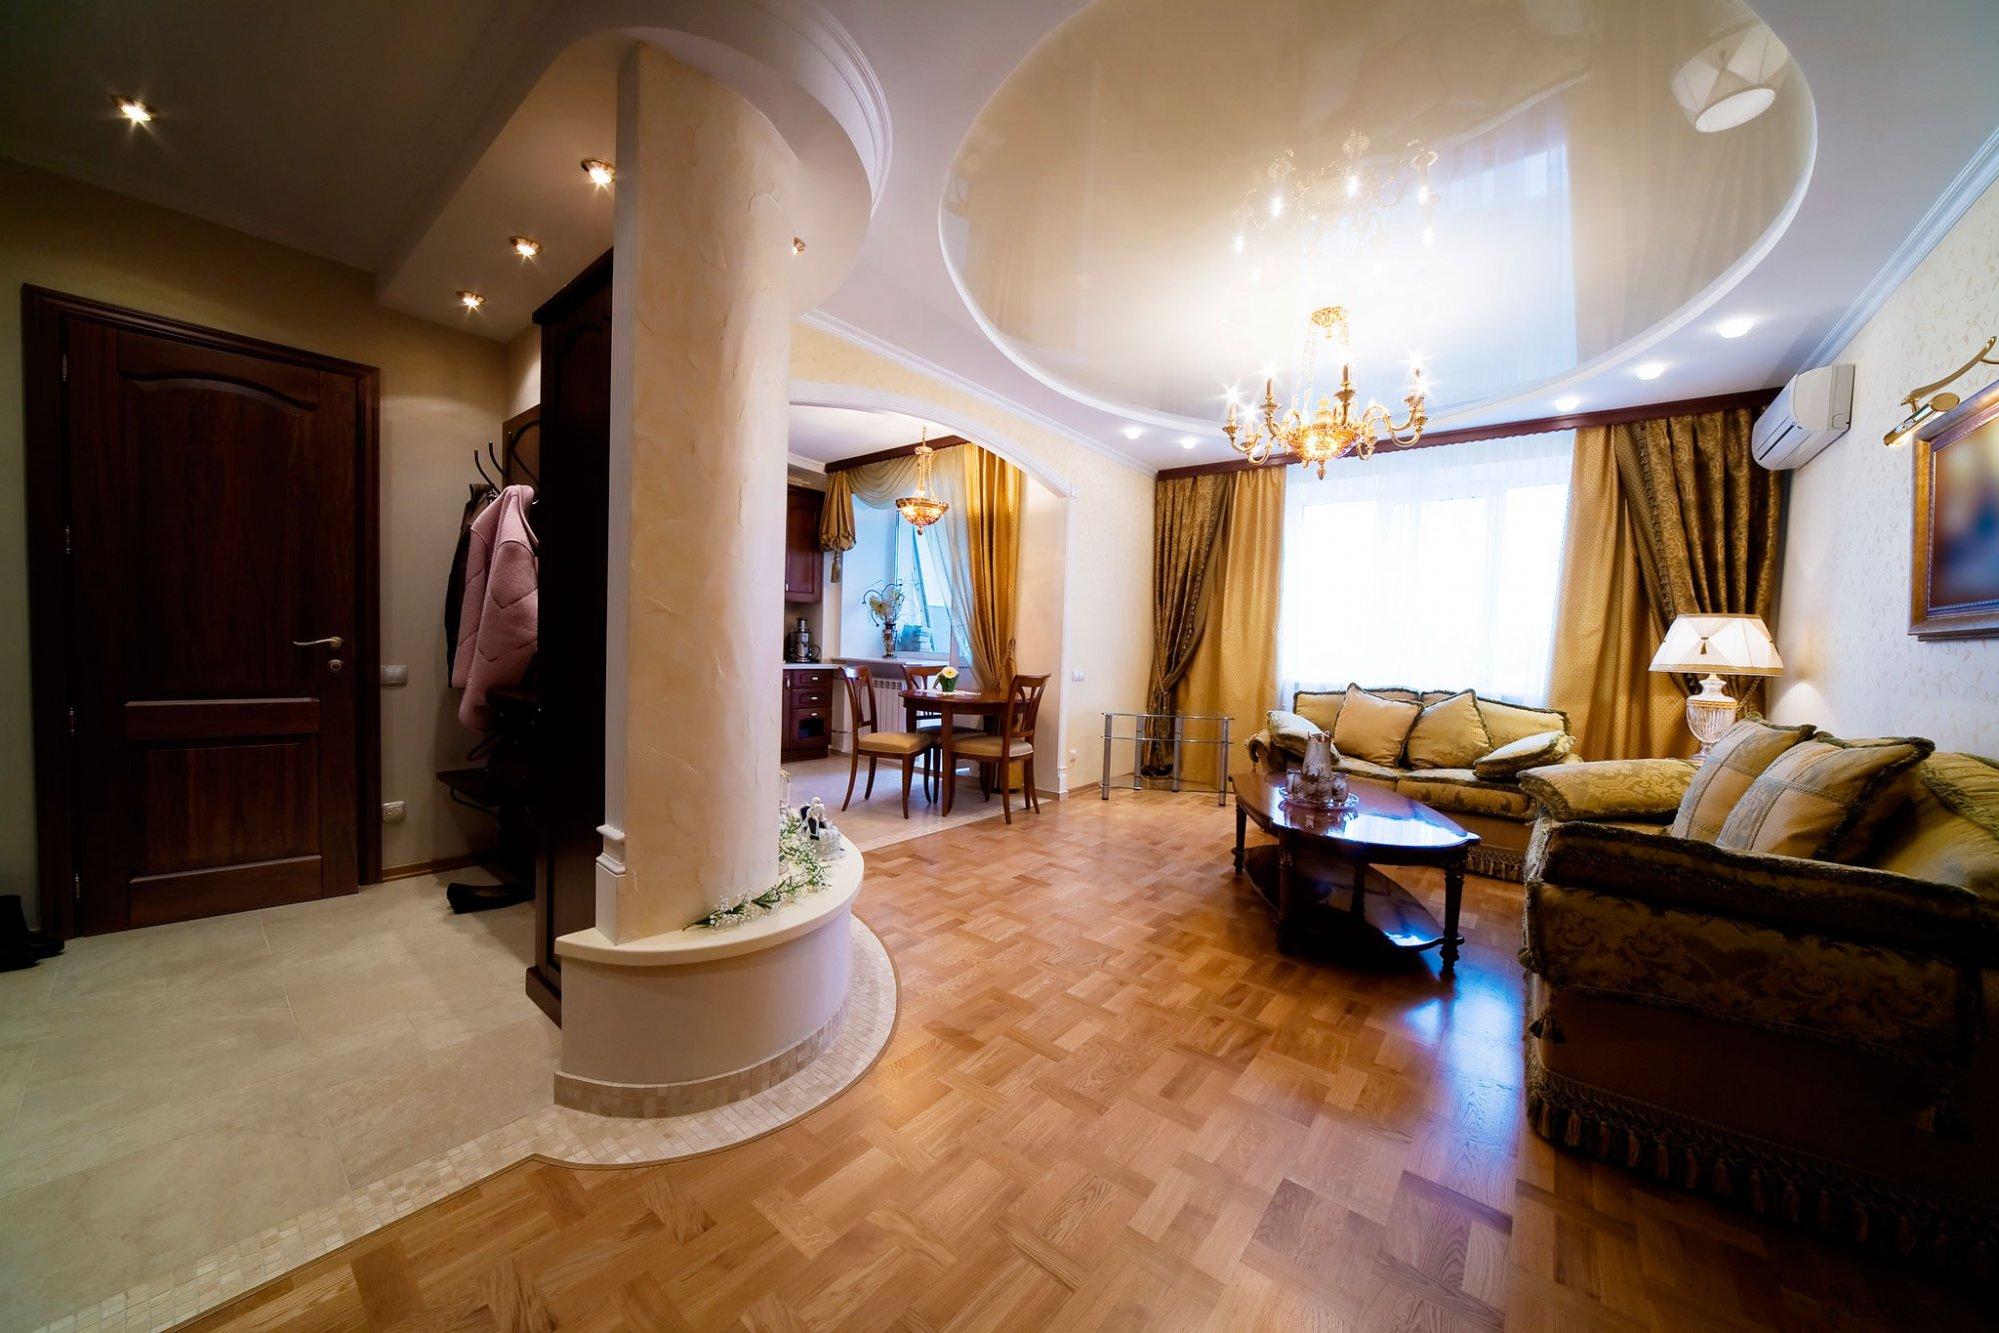 Большая классическая люстра с натяжным потолком в гостиной